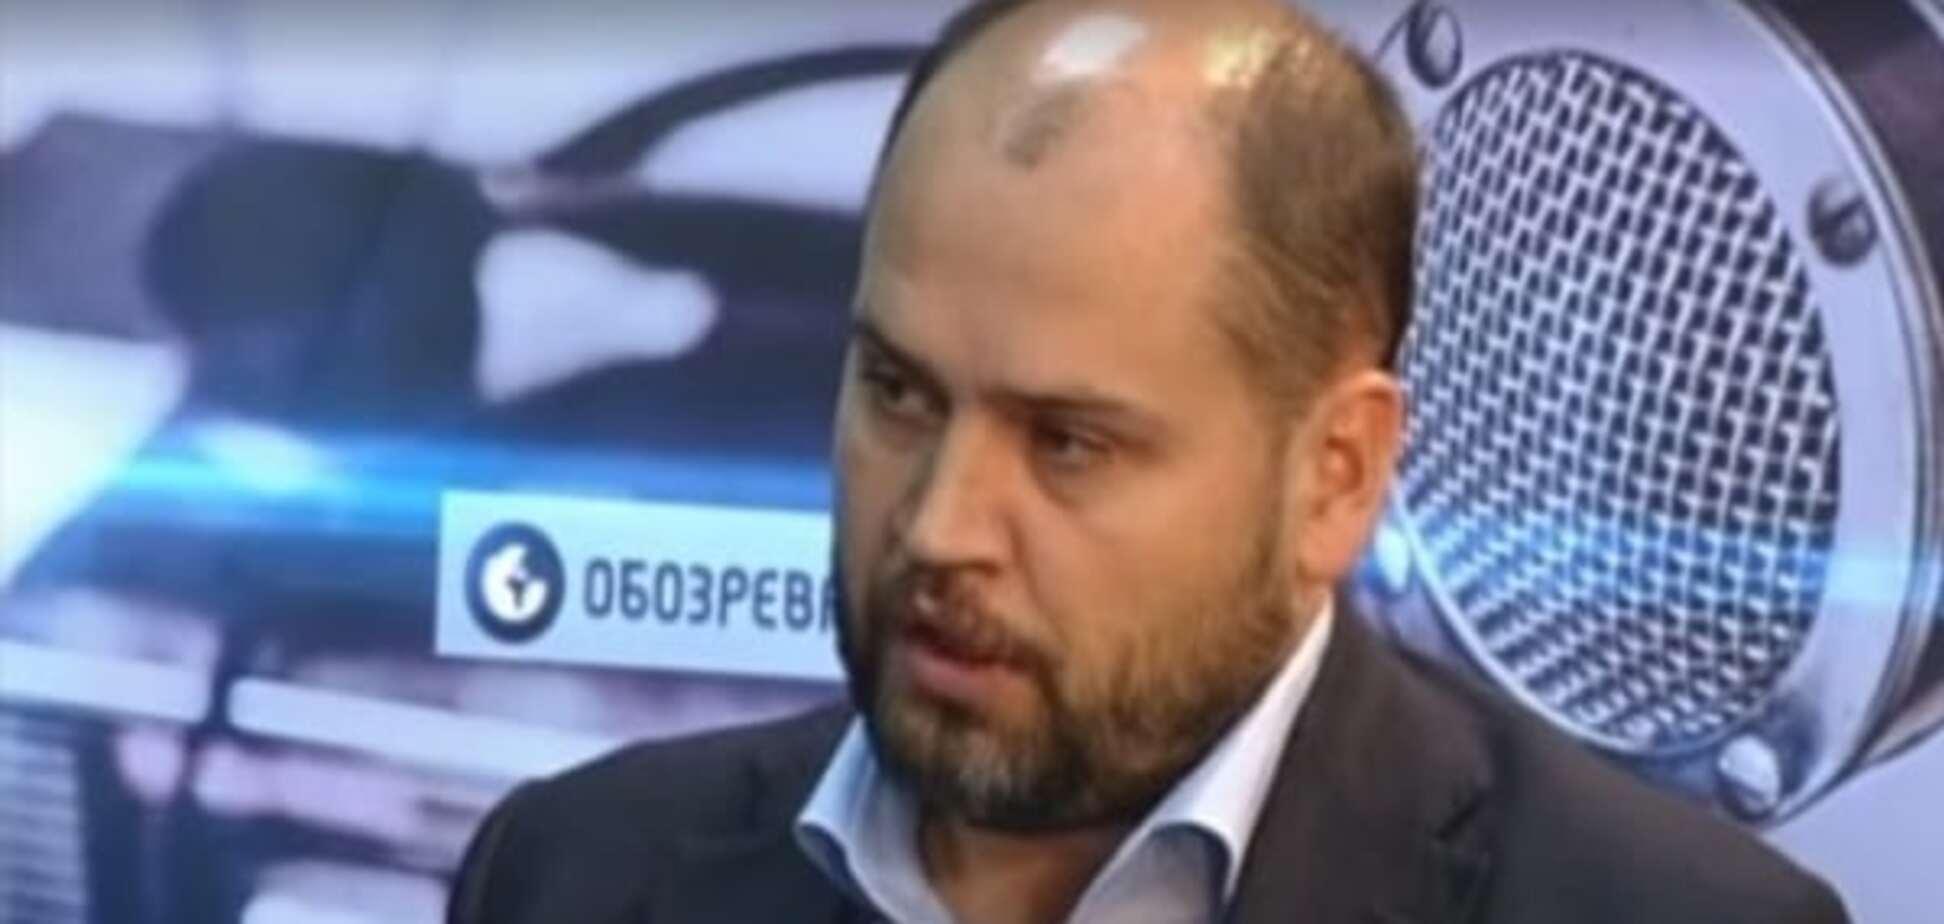 С премьером Яценюком правительство не способно на реформы - нардеп